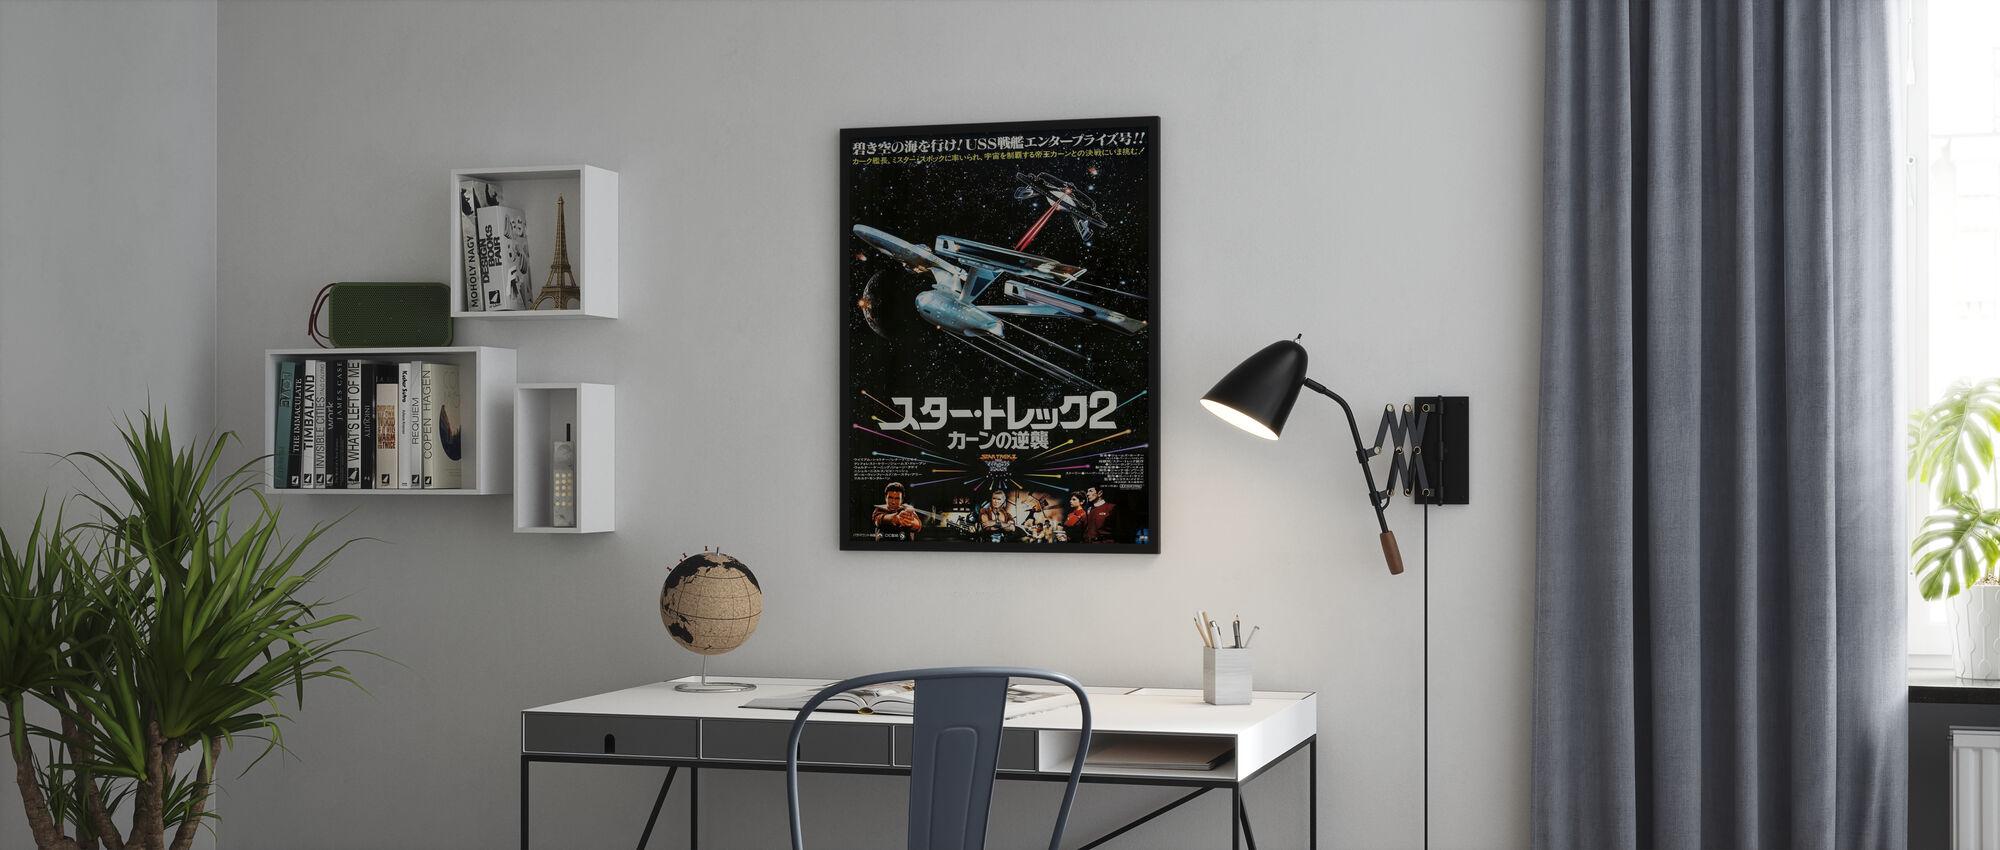 Star Trek II - Wrath of Khan - Poster - Office